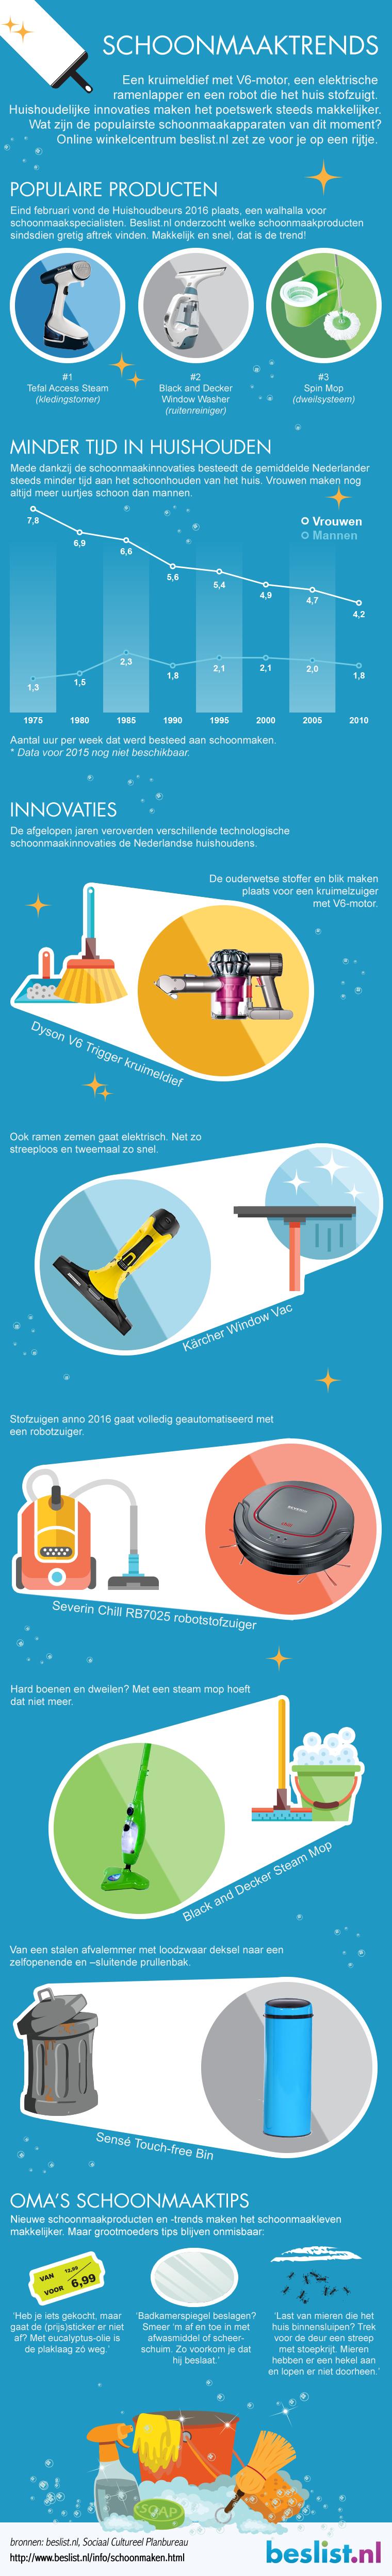 Infographic Schoonmaaktrends